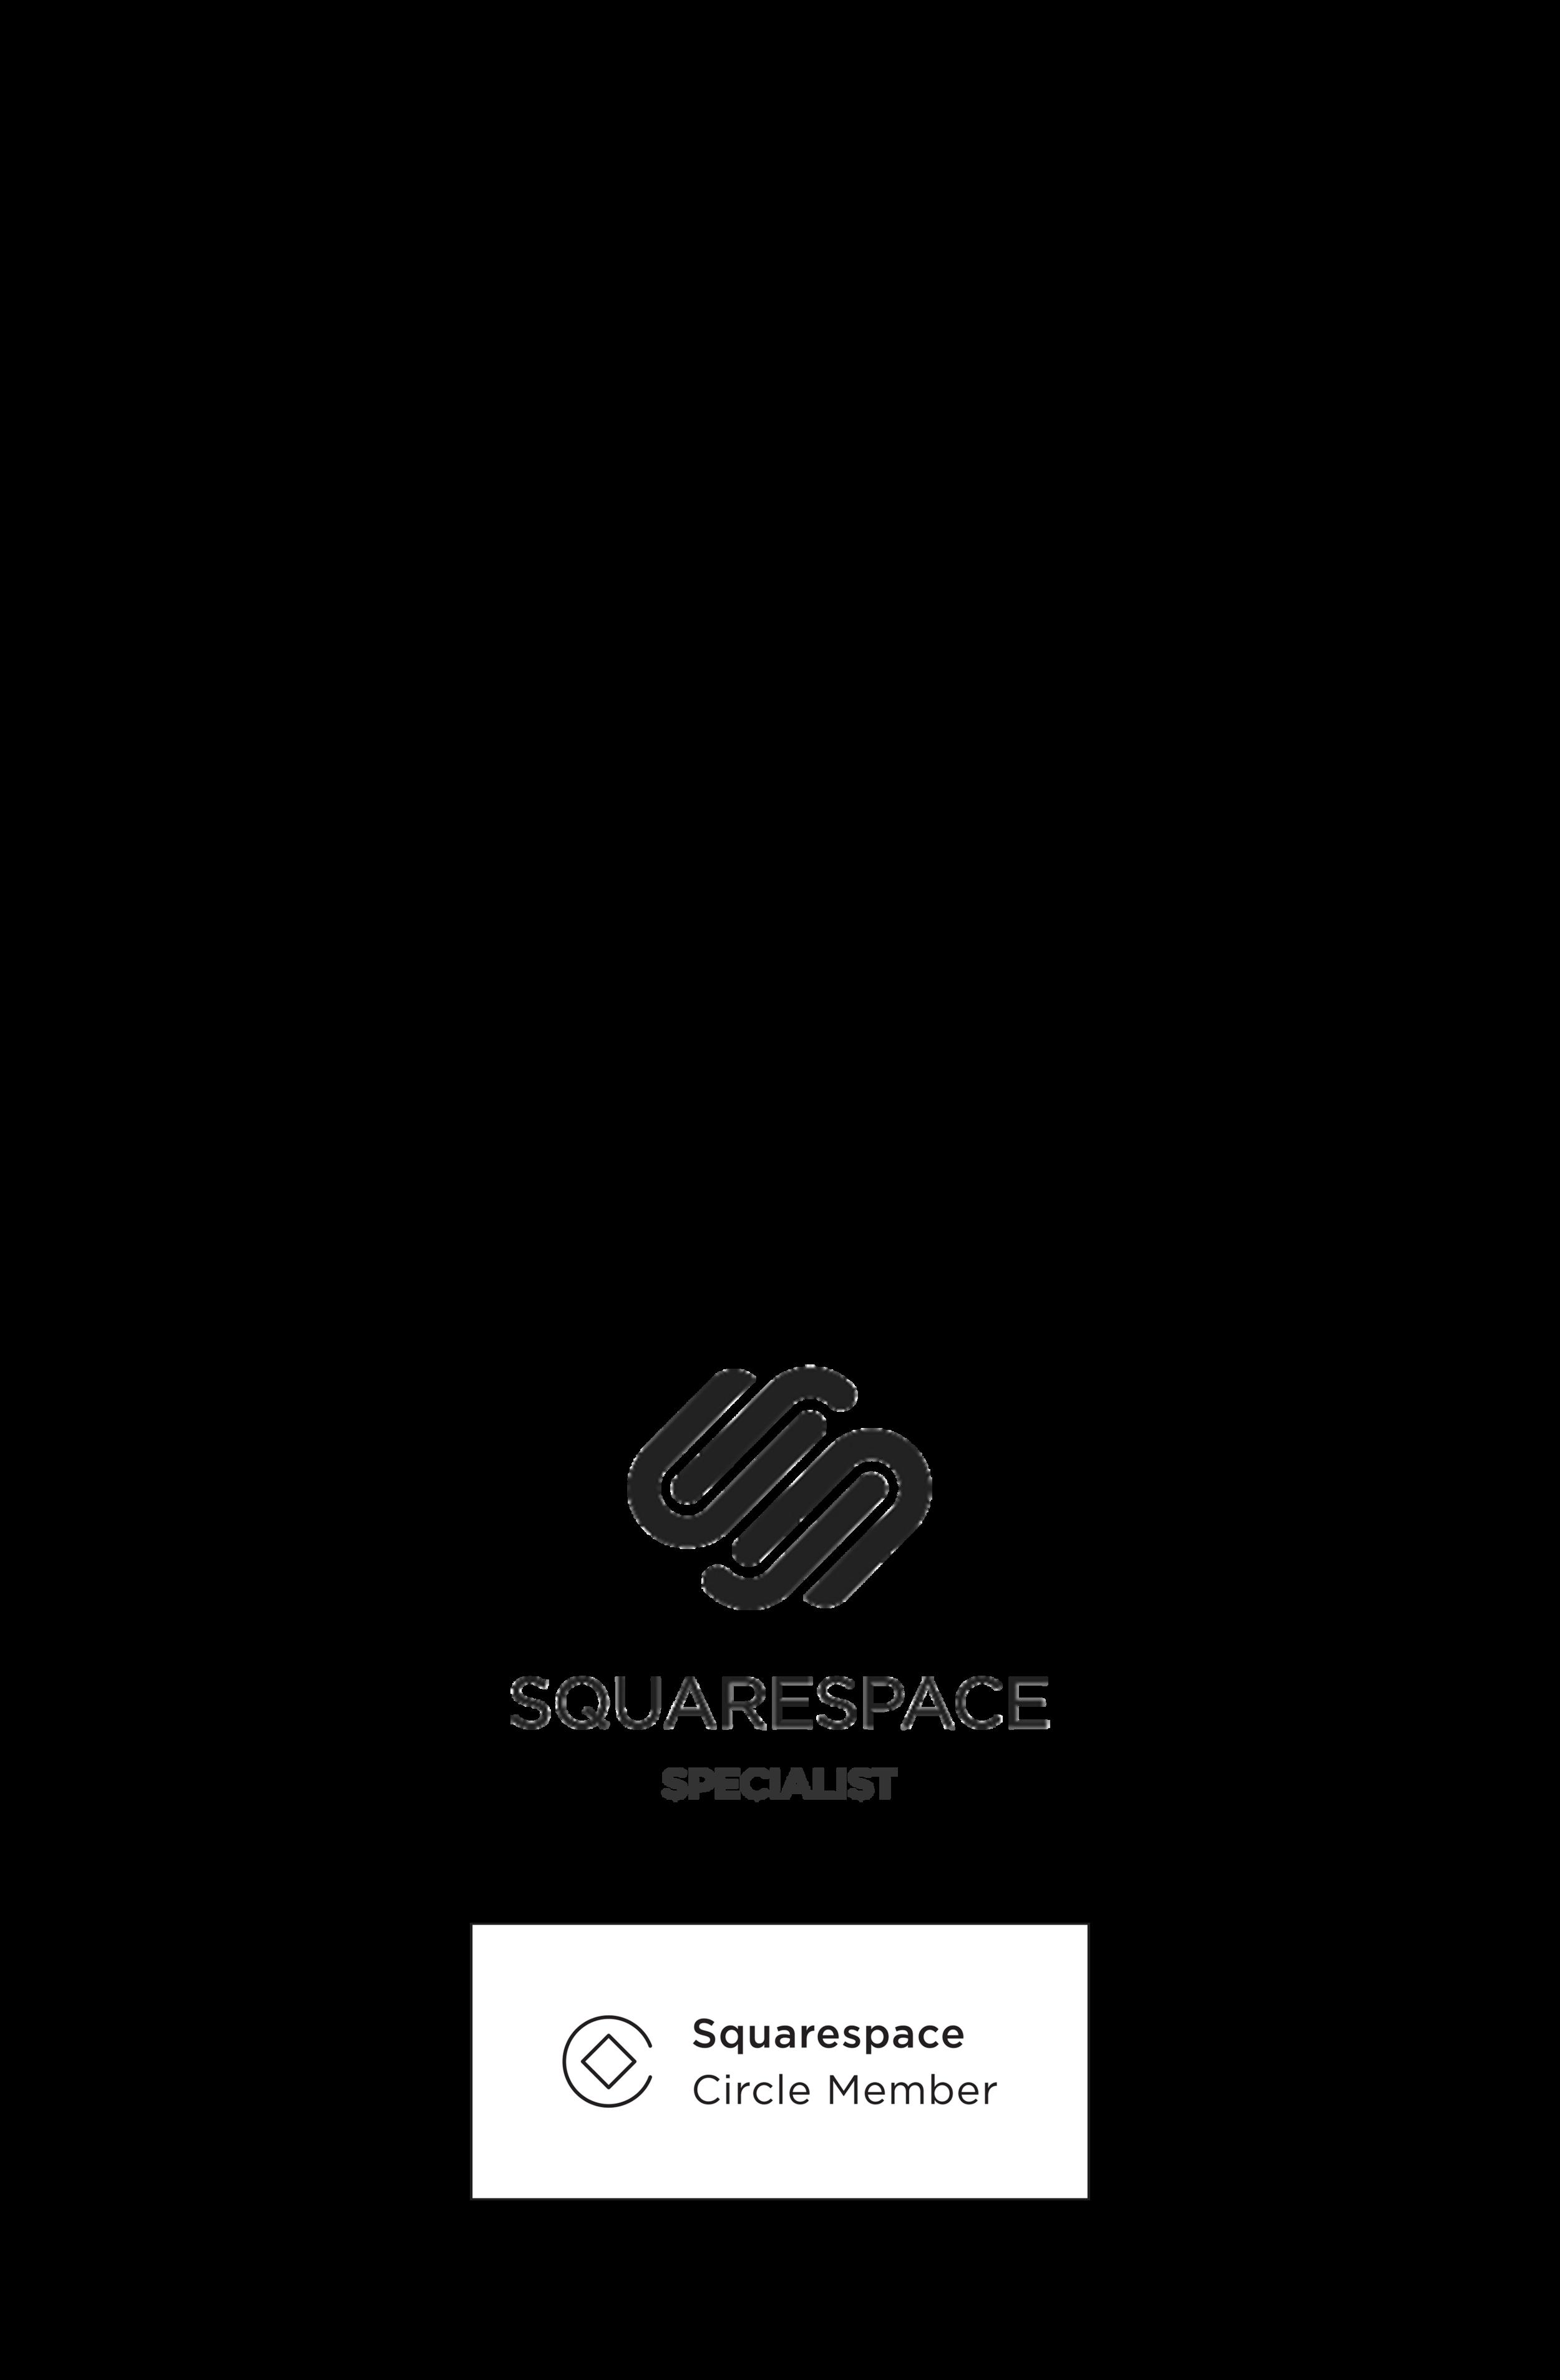 framtidens-webbyrå-squarespace-specialist.png